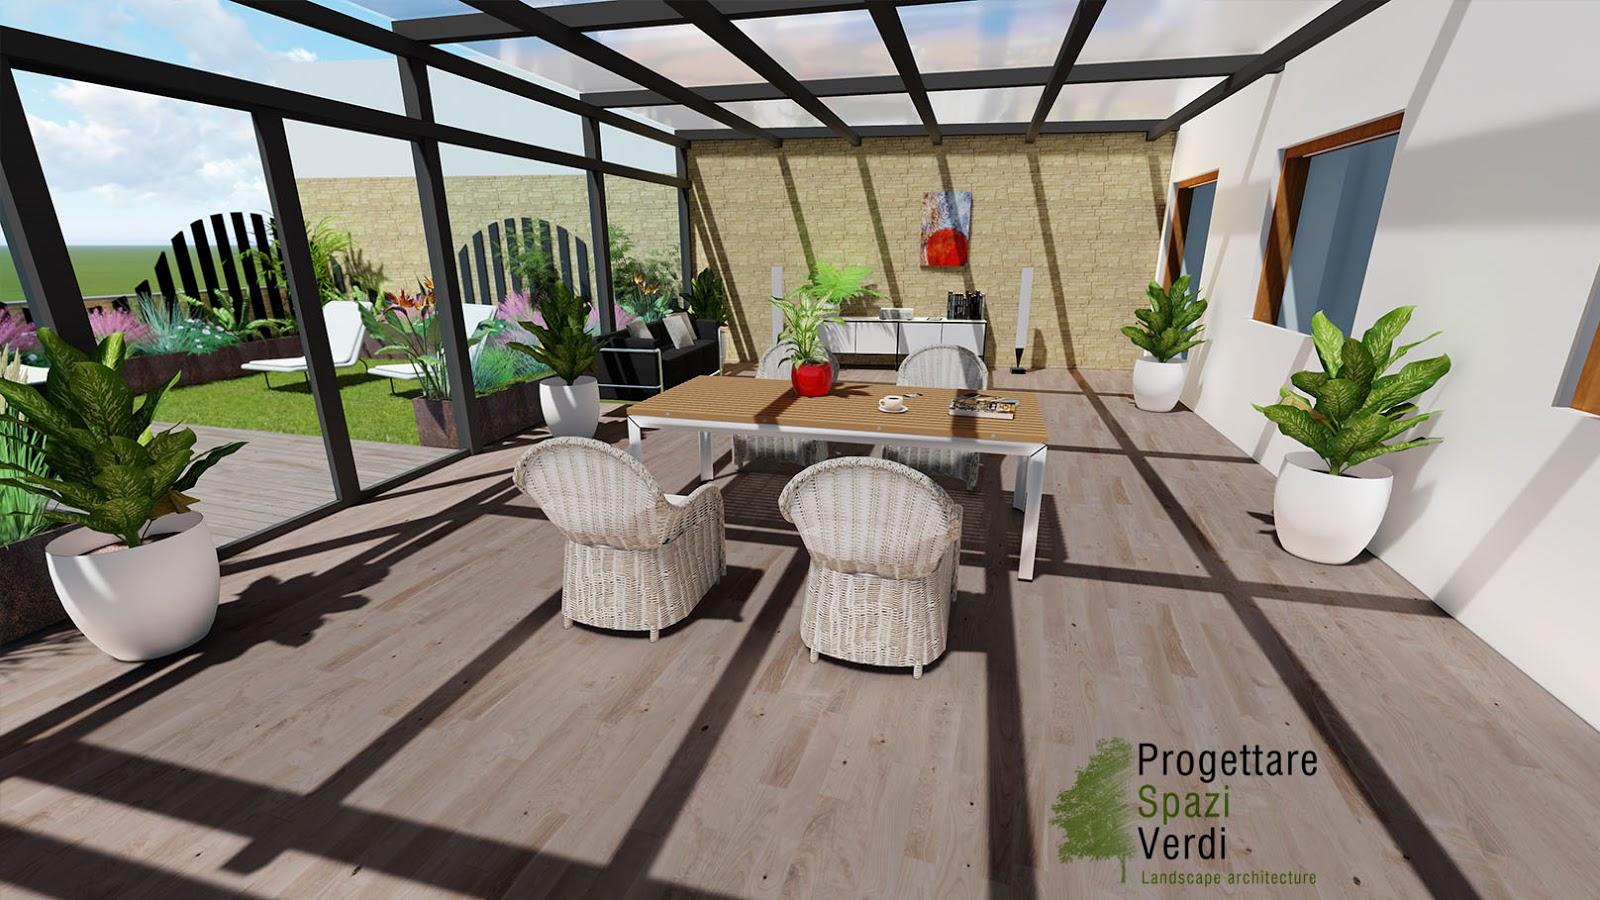 progettare spazi verdi la terrazza dei tuoi sogni ForProgettare Spazi Verdi